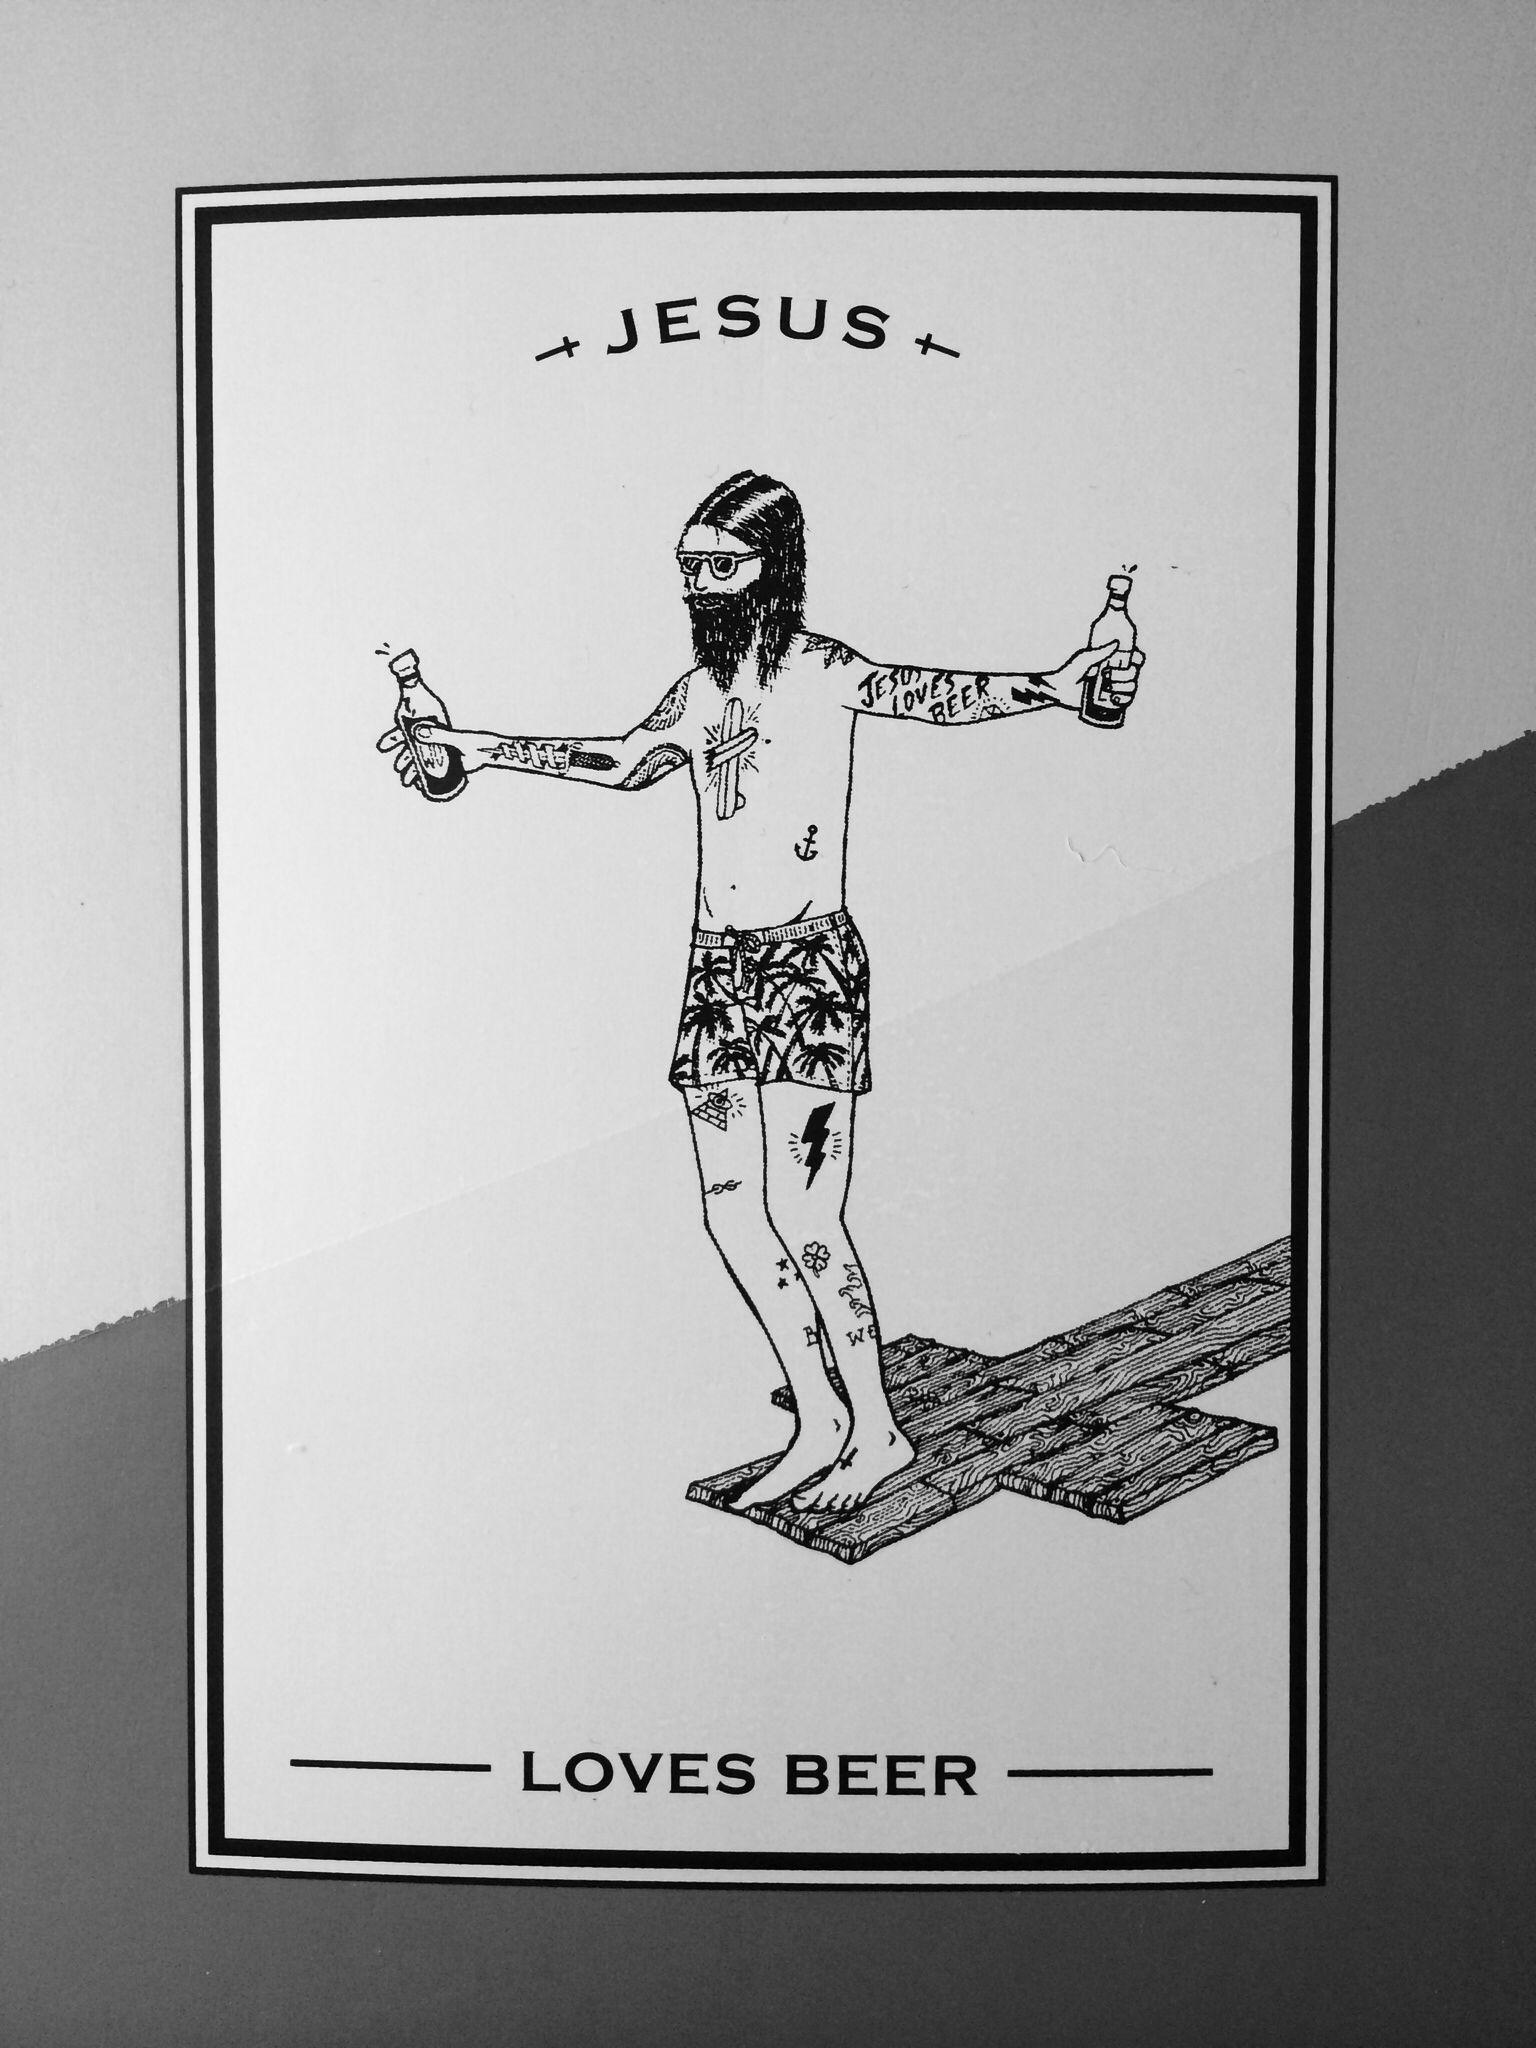 Jesus Loves Beer Poster Design Graphic Design Inspiration Pop